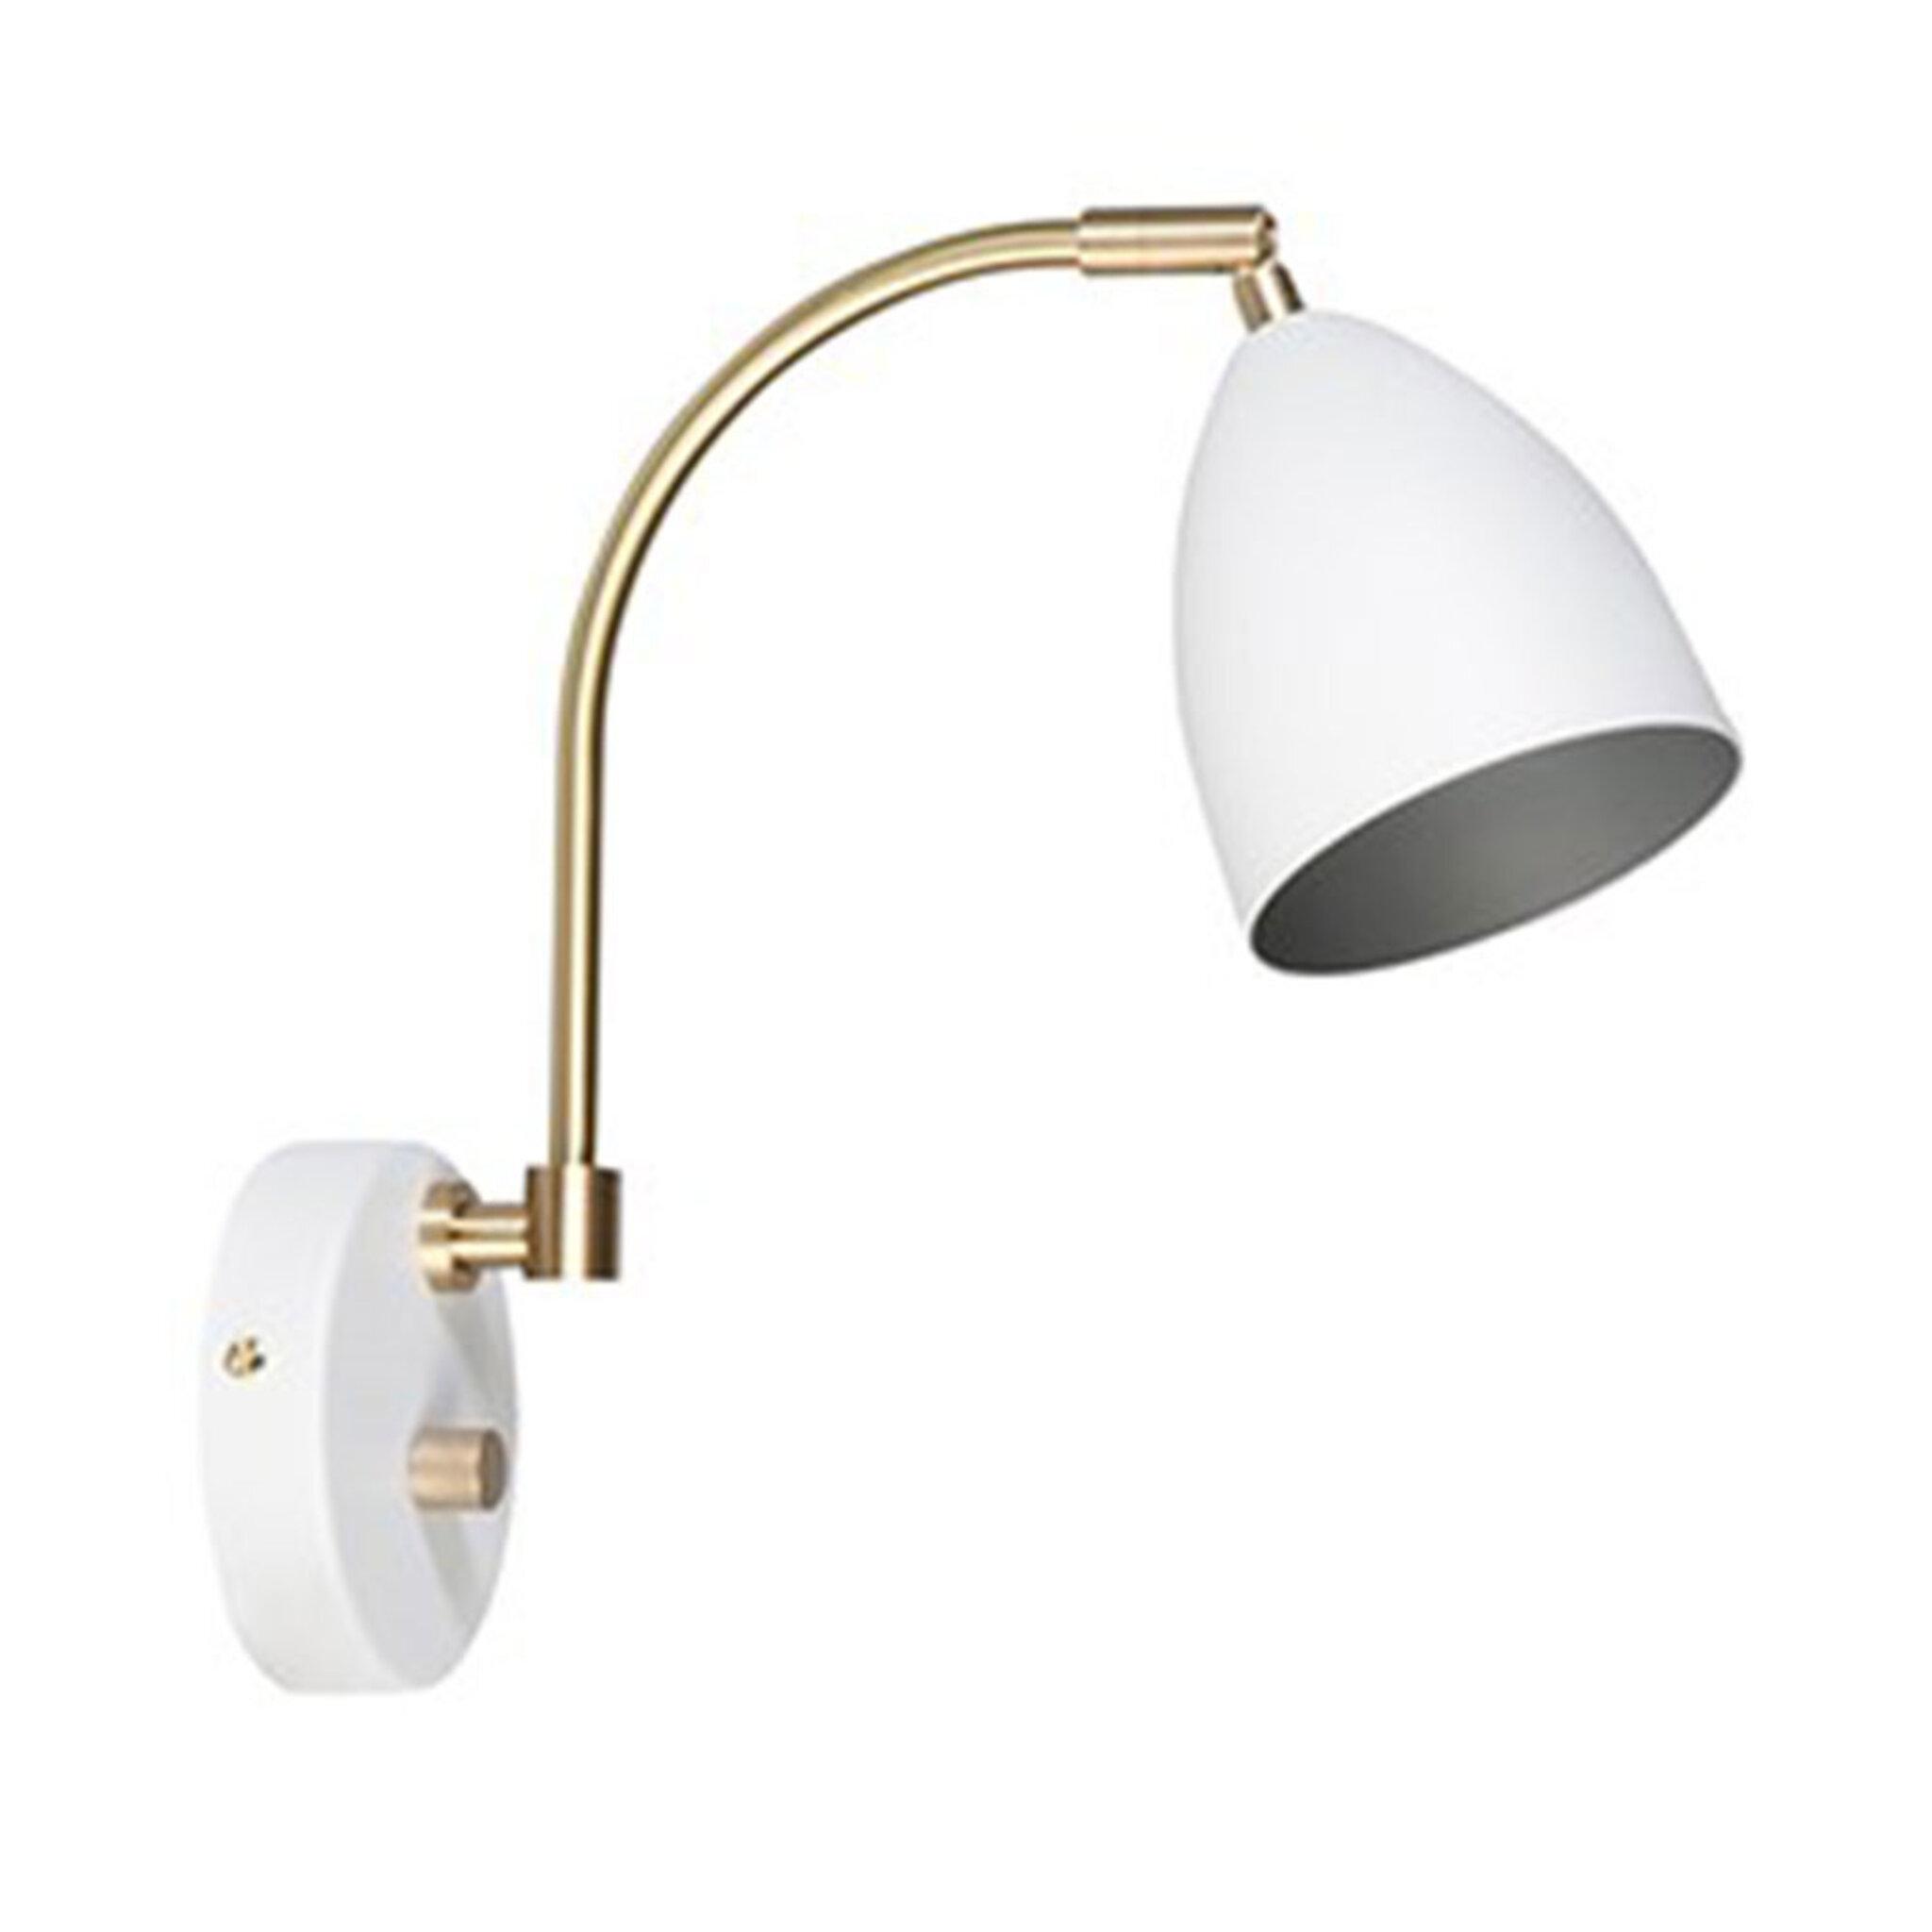 Vägglampa Deluxe LED, vit/mässing thumbnail